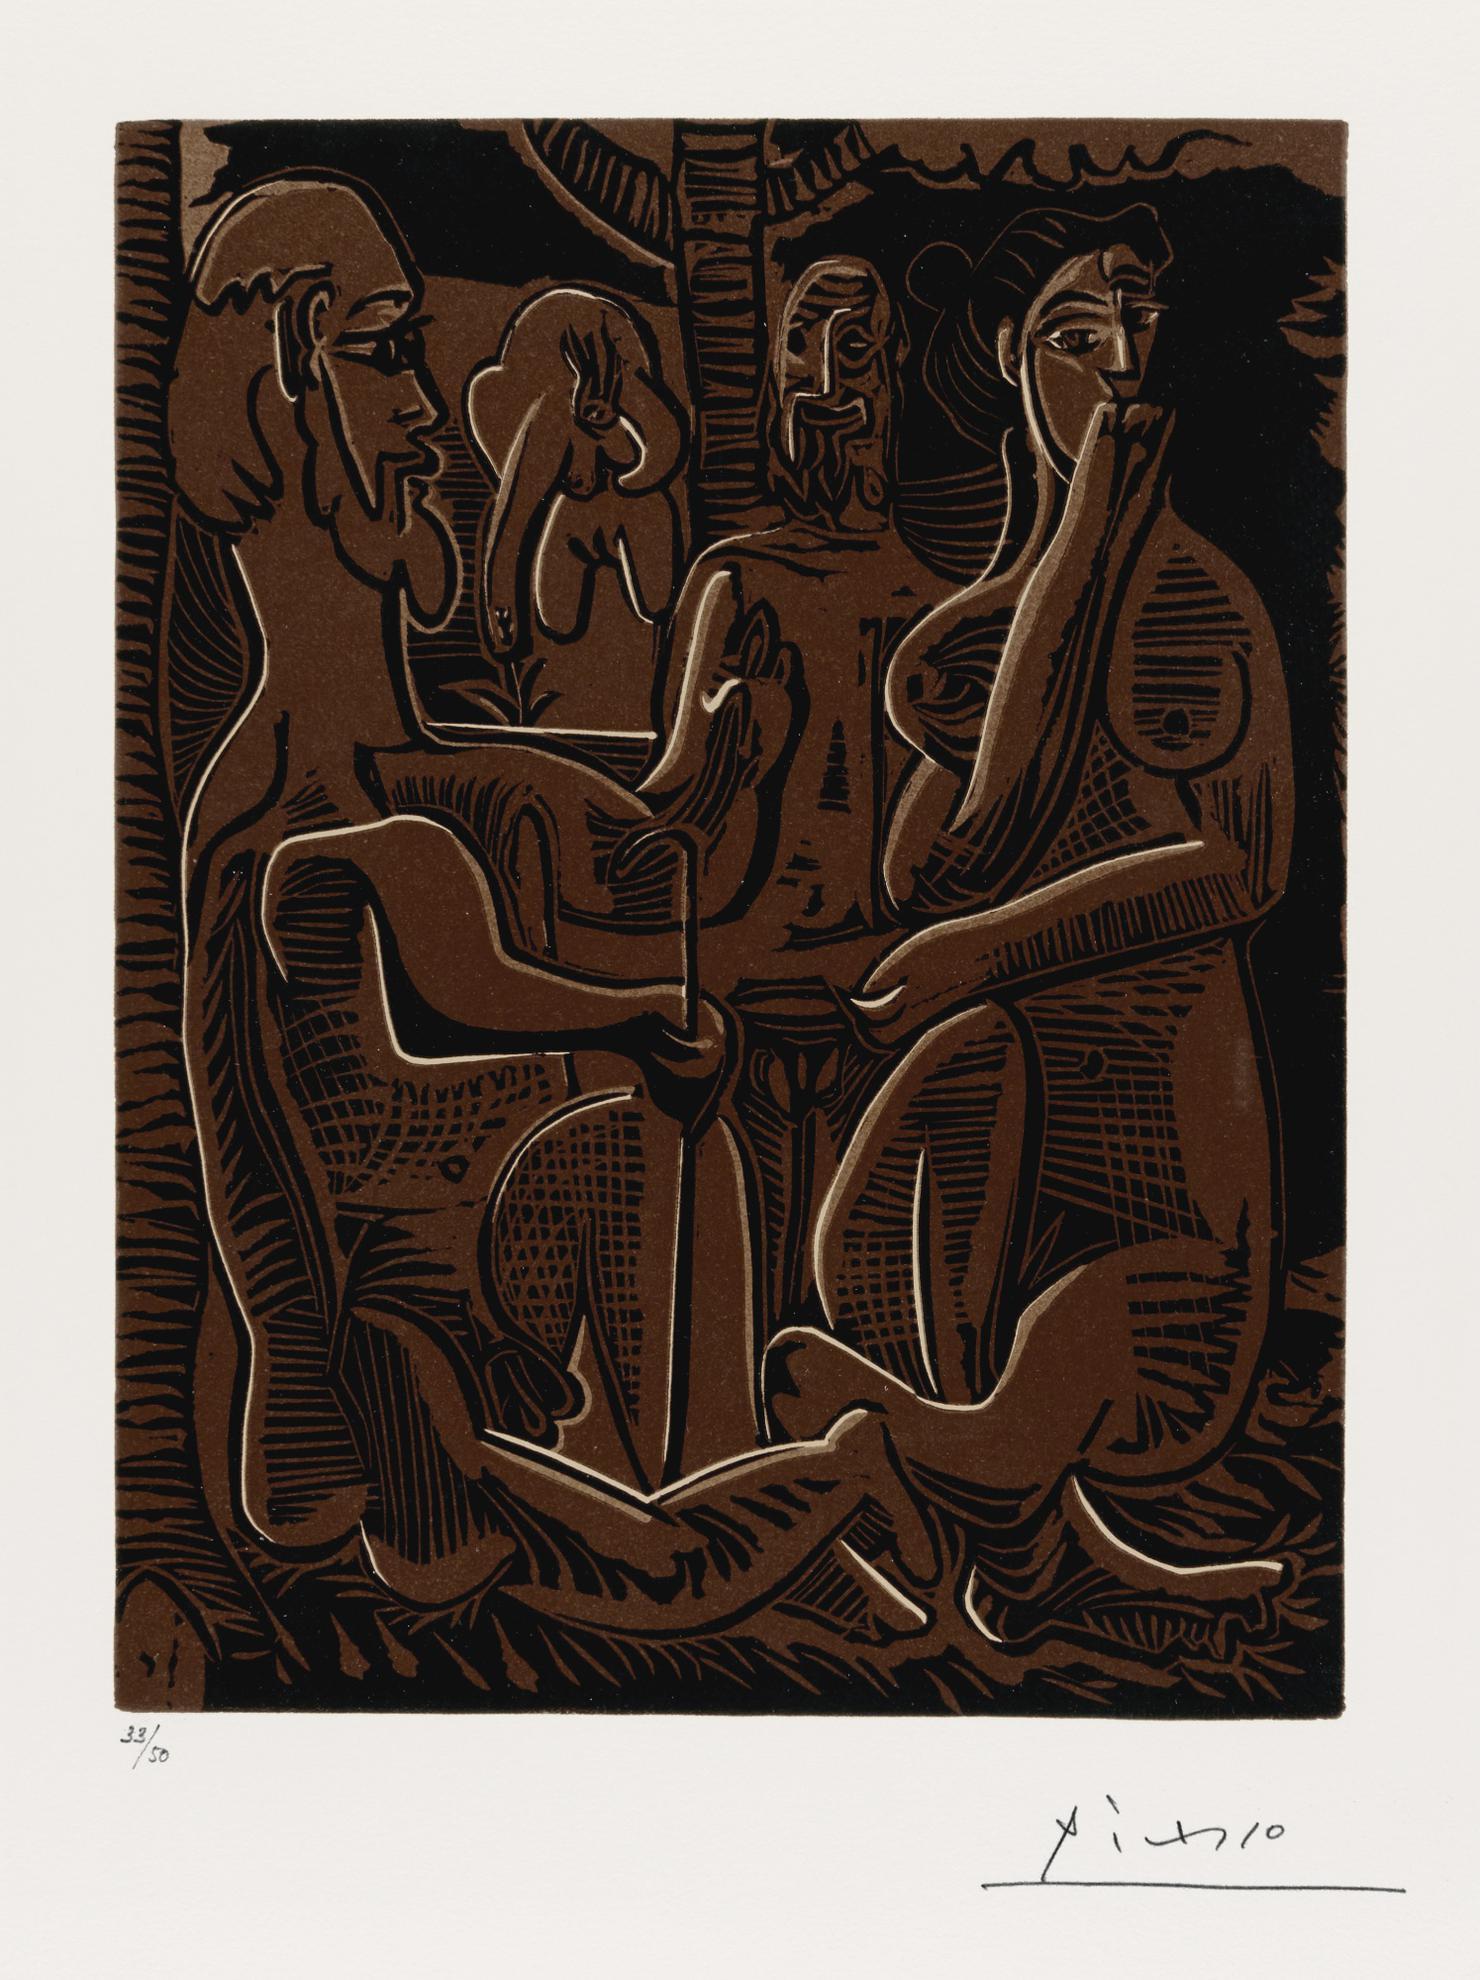 Pablo Picasso-Le Dejeuner Sur L Herbe Dapres Manet (B. 1096; Ba. 1328; Pp. L-149)-1962